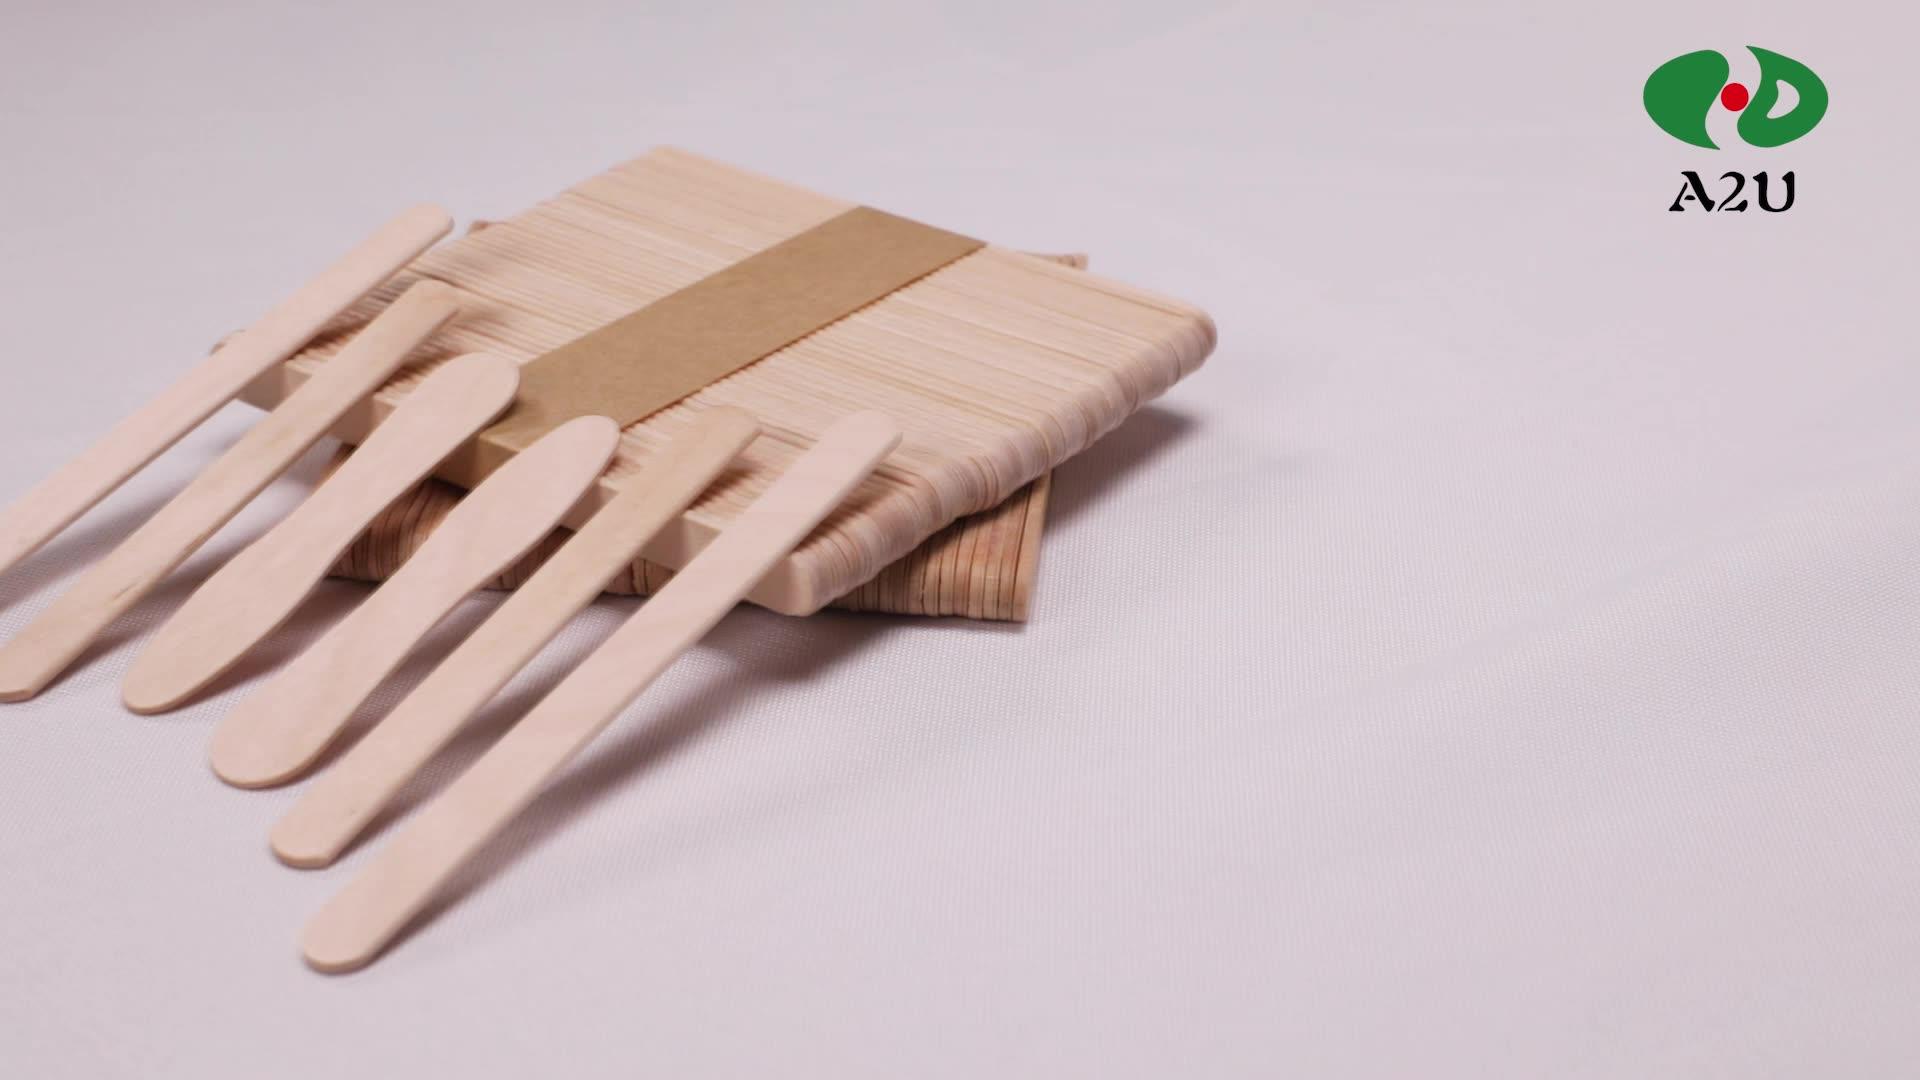 Китай, оптовая продажа, одноразовые деревянные палочки для мороженого из березы